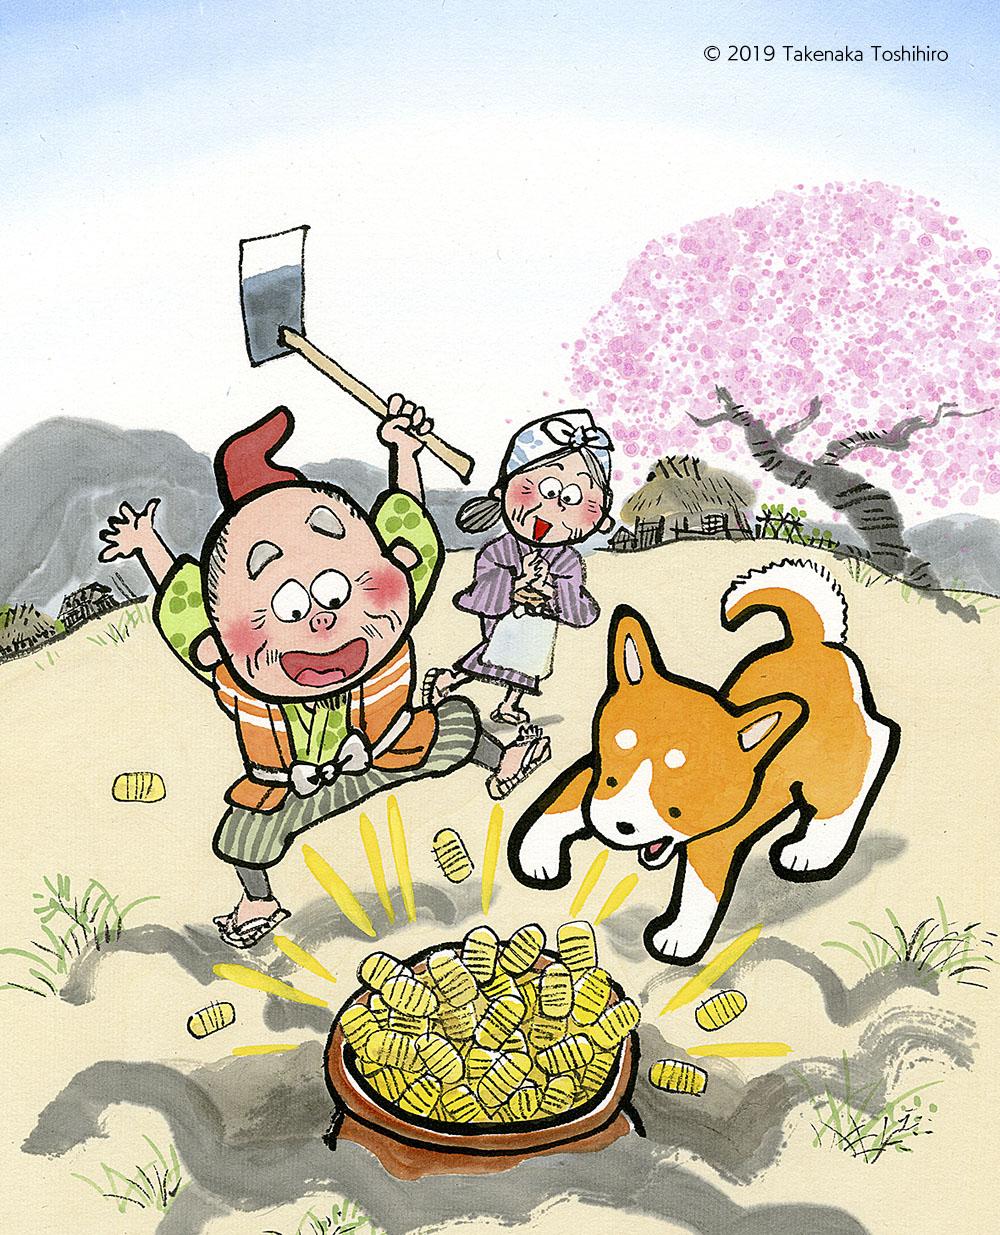 ポチが庭の片隅を指して「ここほれワンワン」と仕切りに鳴くので掘ってみたら大判小判がざくざくと出てきました。